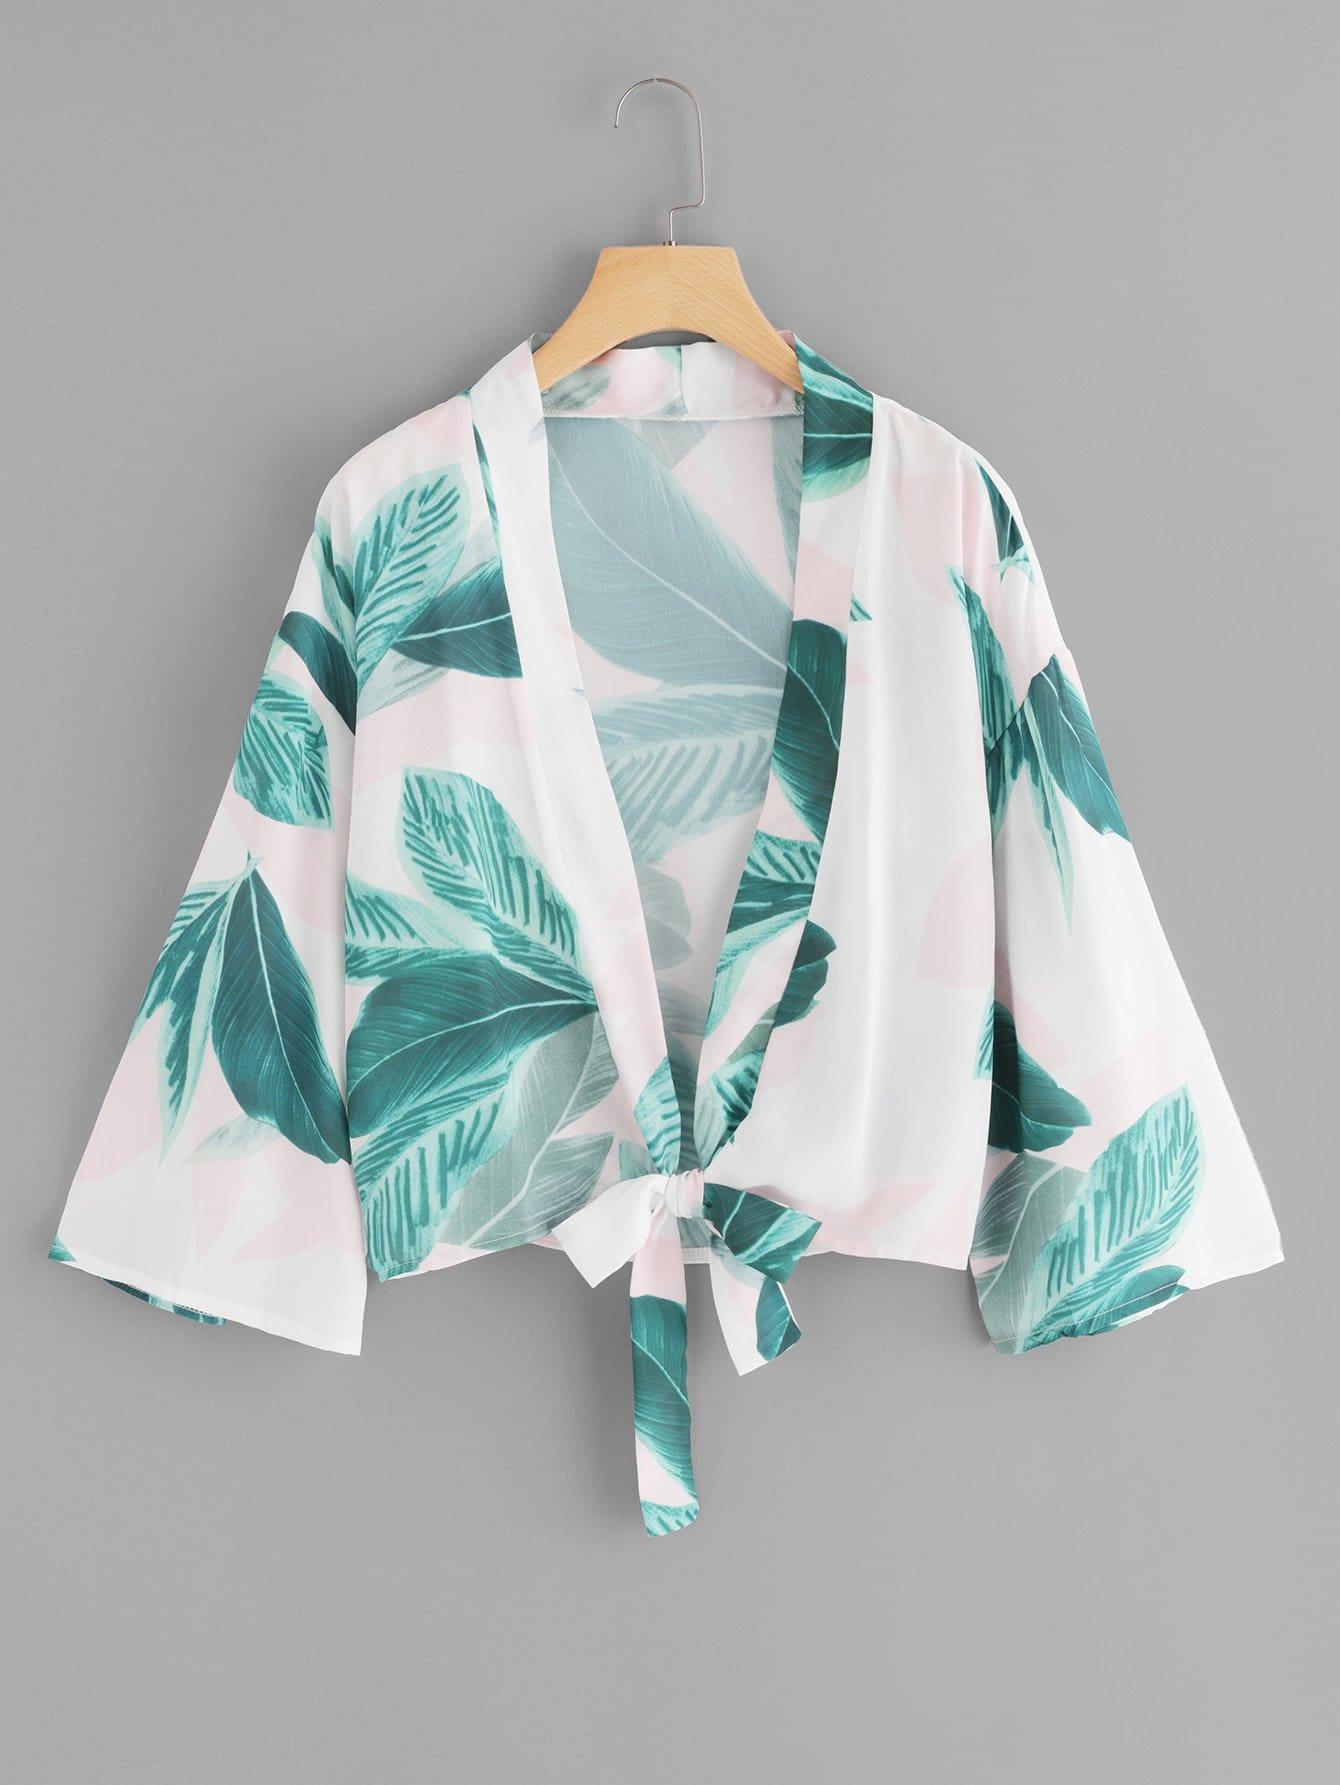 Купить Повседневный с перьями с бантом кимоно Зеленые Кимоно, null, SheIn